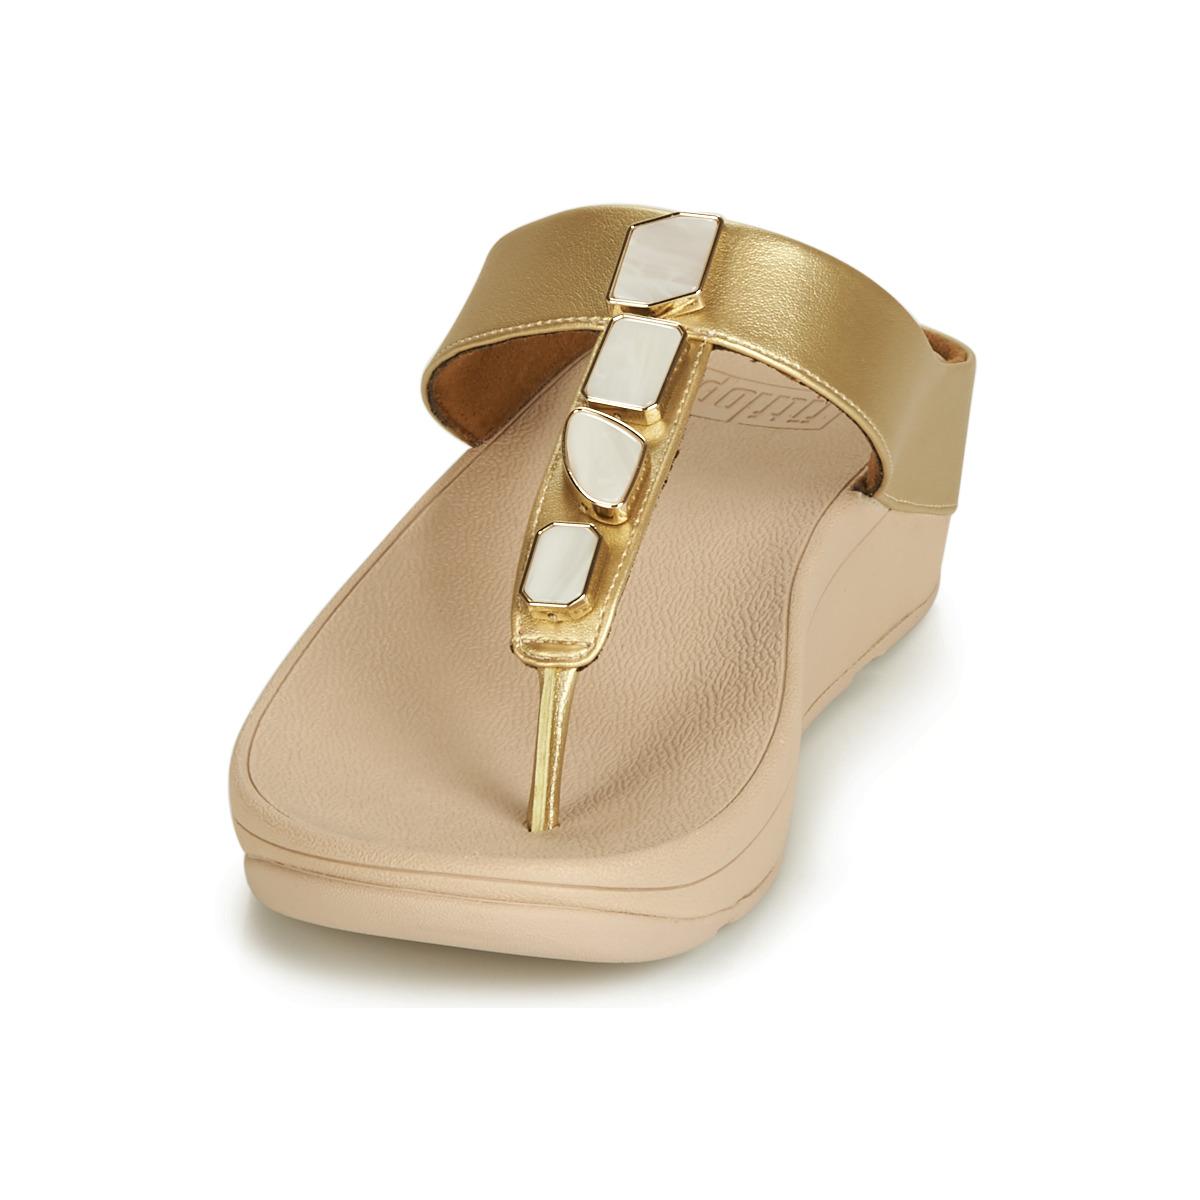 Fitflop Fino Shellstone Doré - Livraison Gratuite Chaussures Tongs Femme 90,20 €